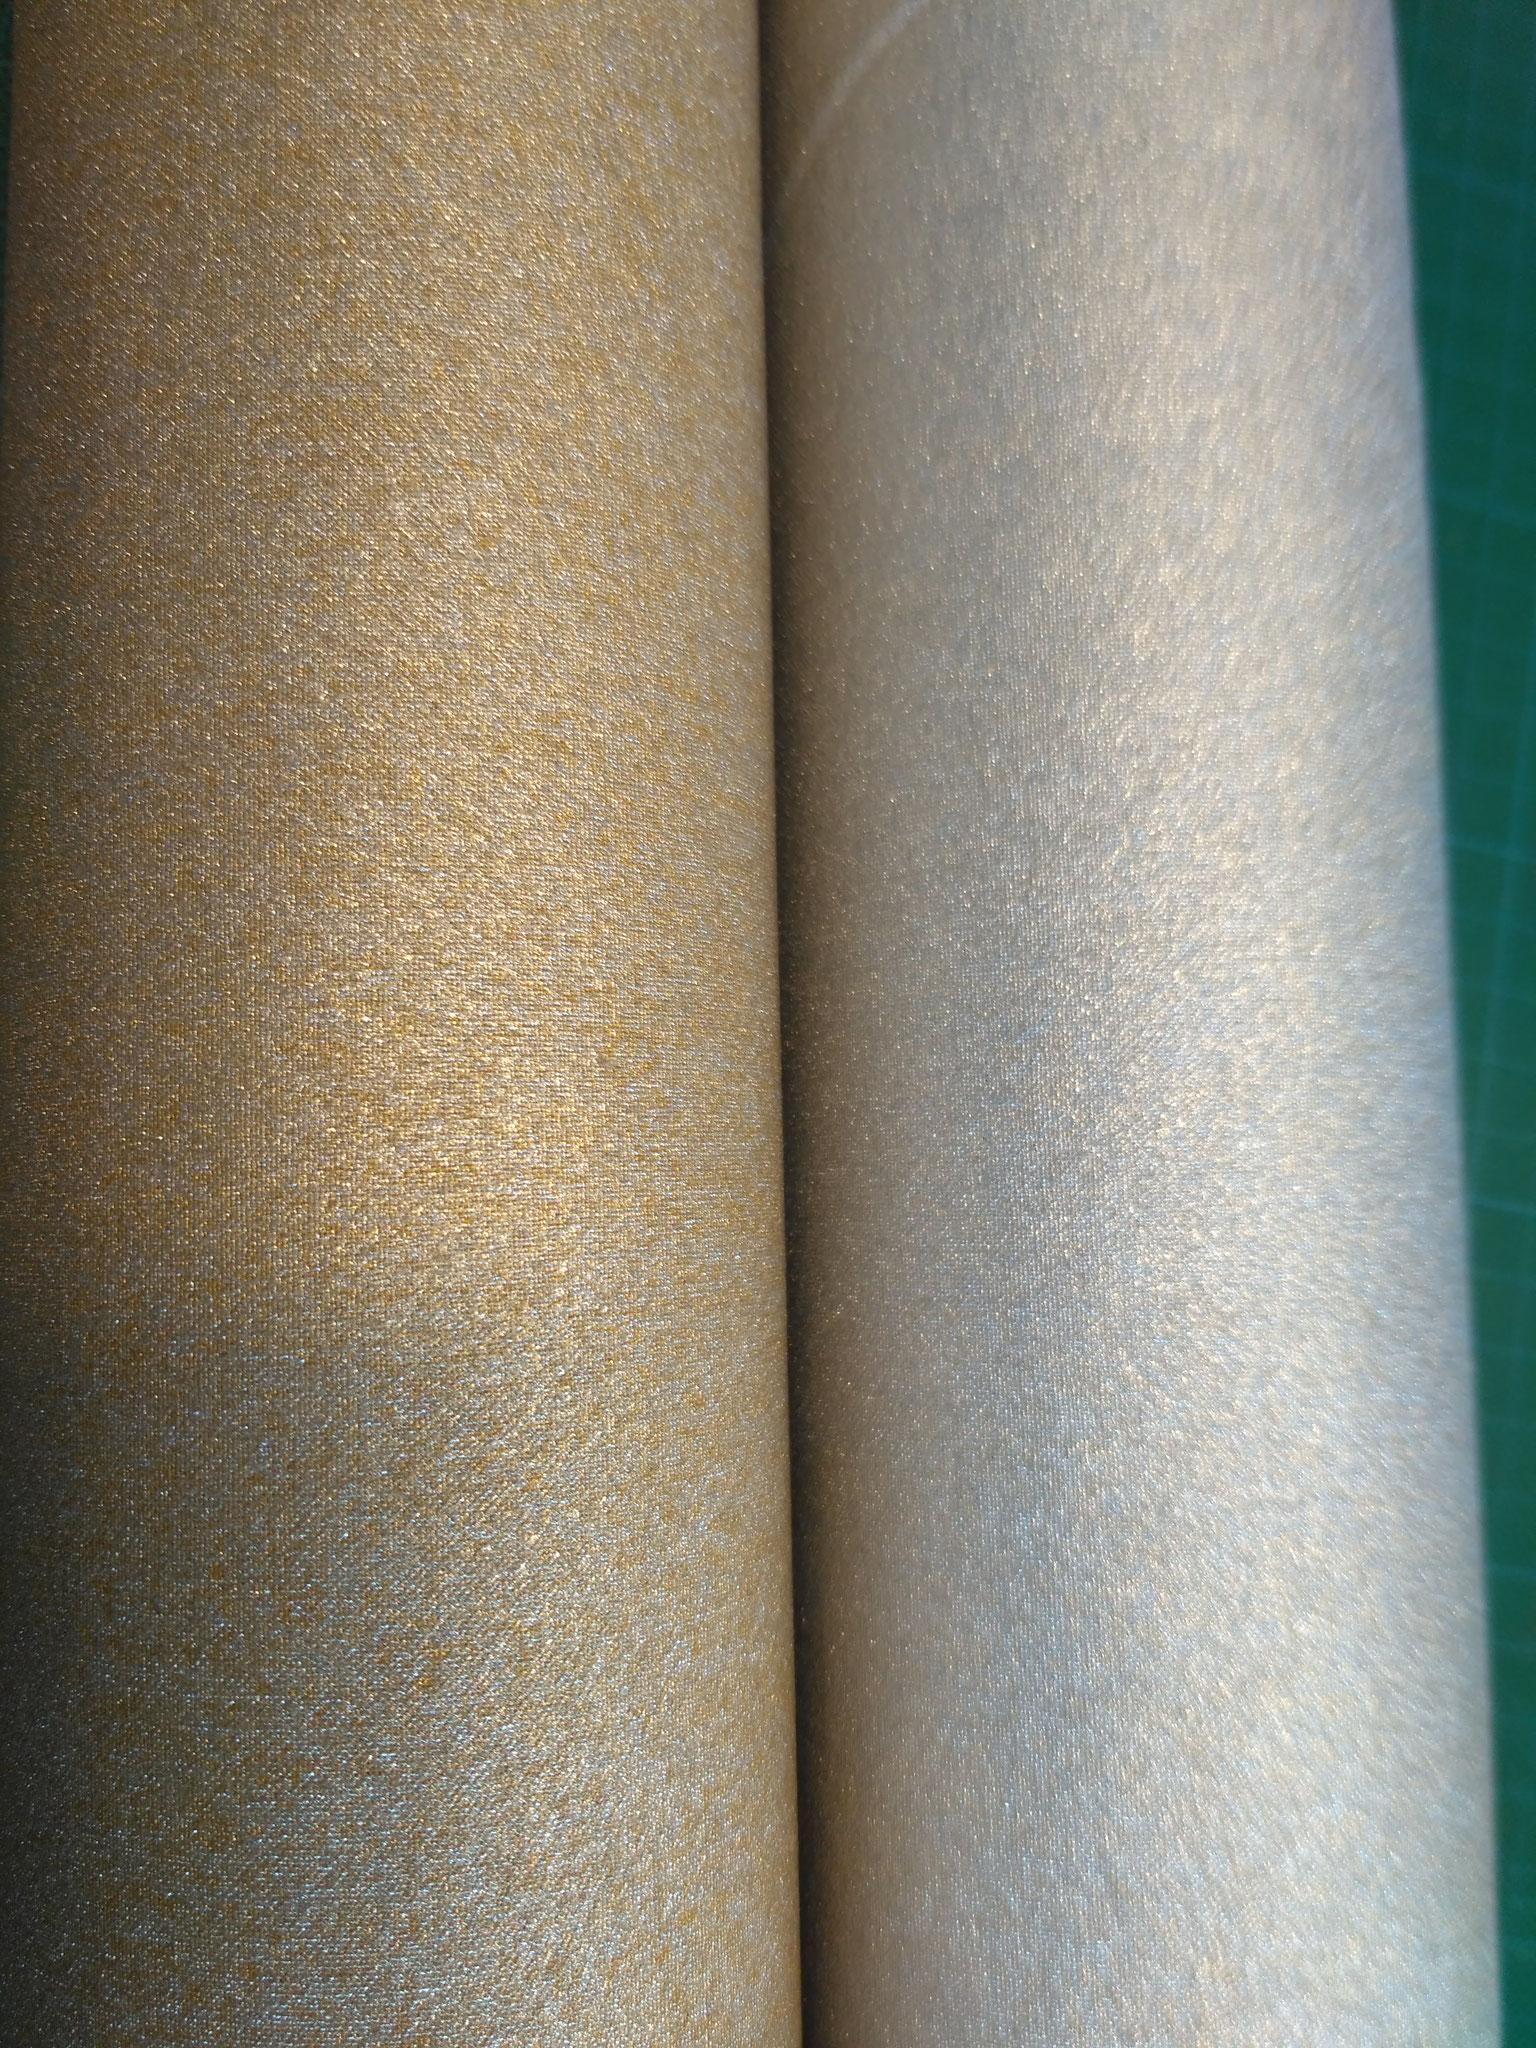 beschichtete Baumwolle in Gold- und Silber-Glitzer